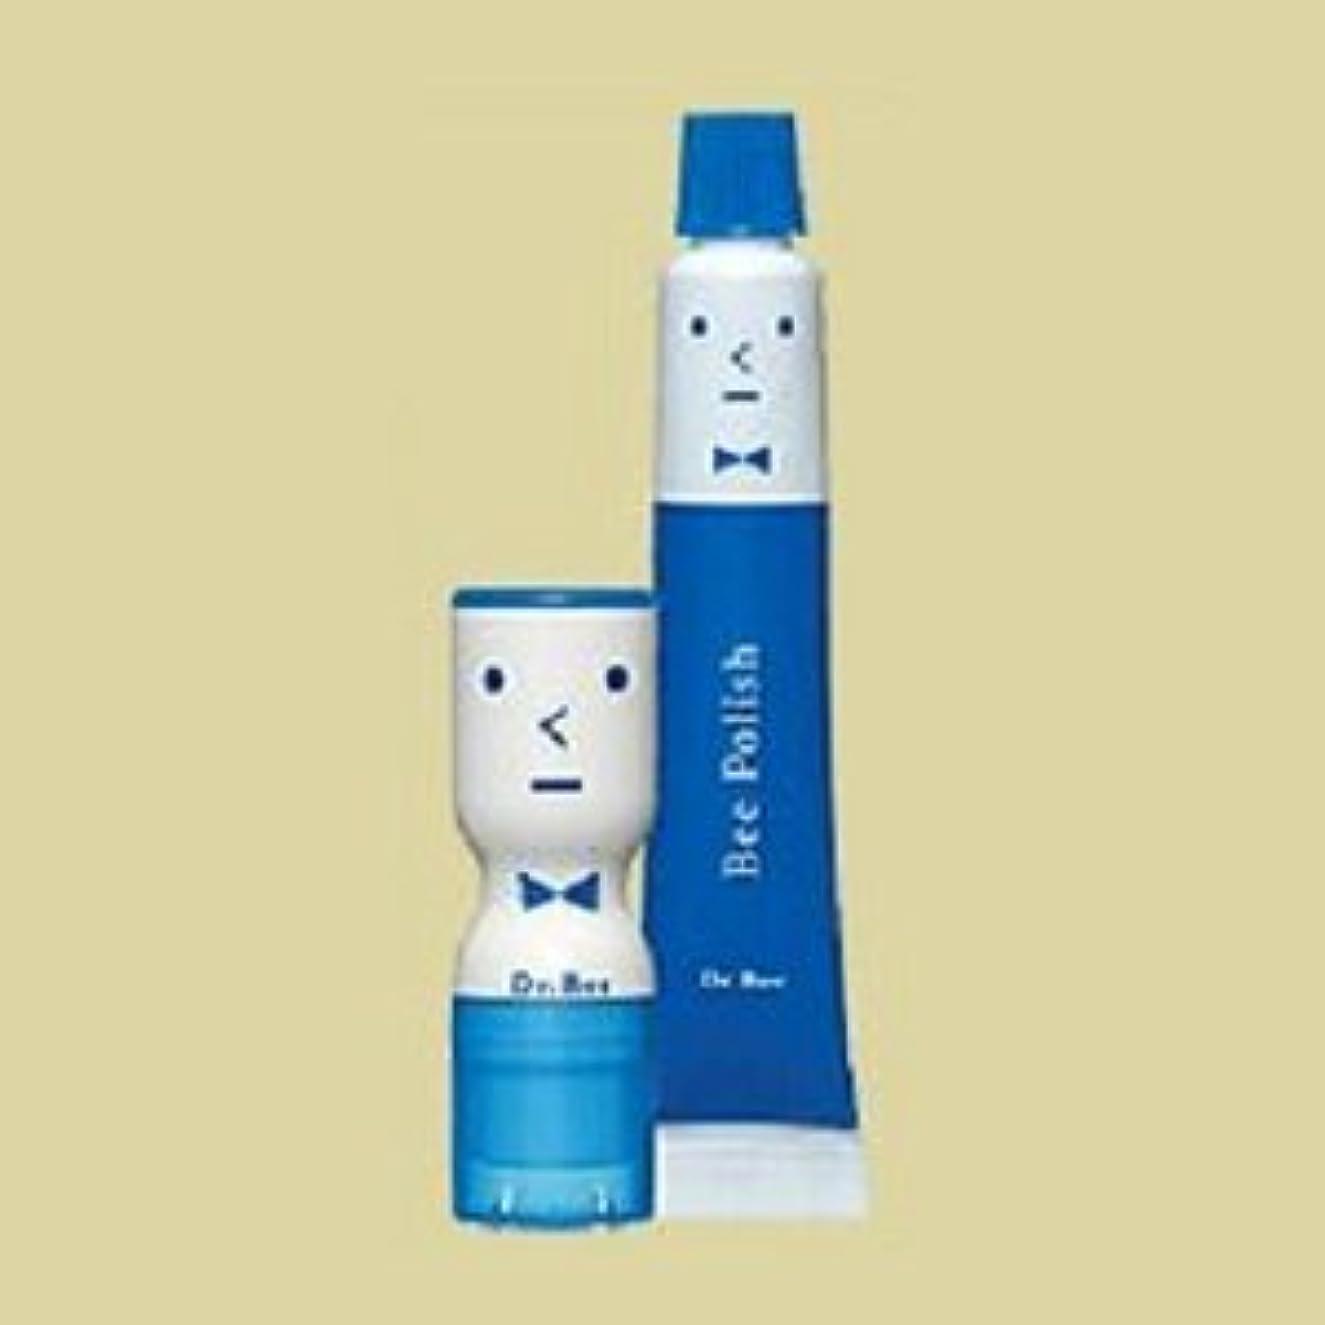 爆発物思想素晴らしいです【ビーブランド】 シロティ & ビーポリッシュ セット 1個 【歯の消しゴム&歯の消しゴムペースト】【ホワイトニング】